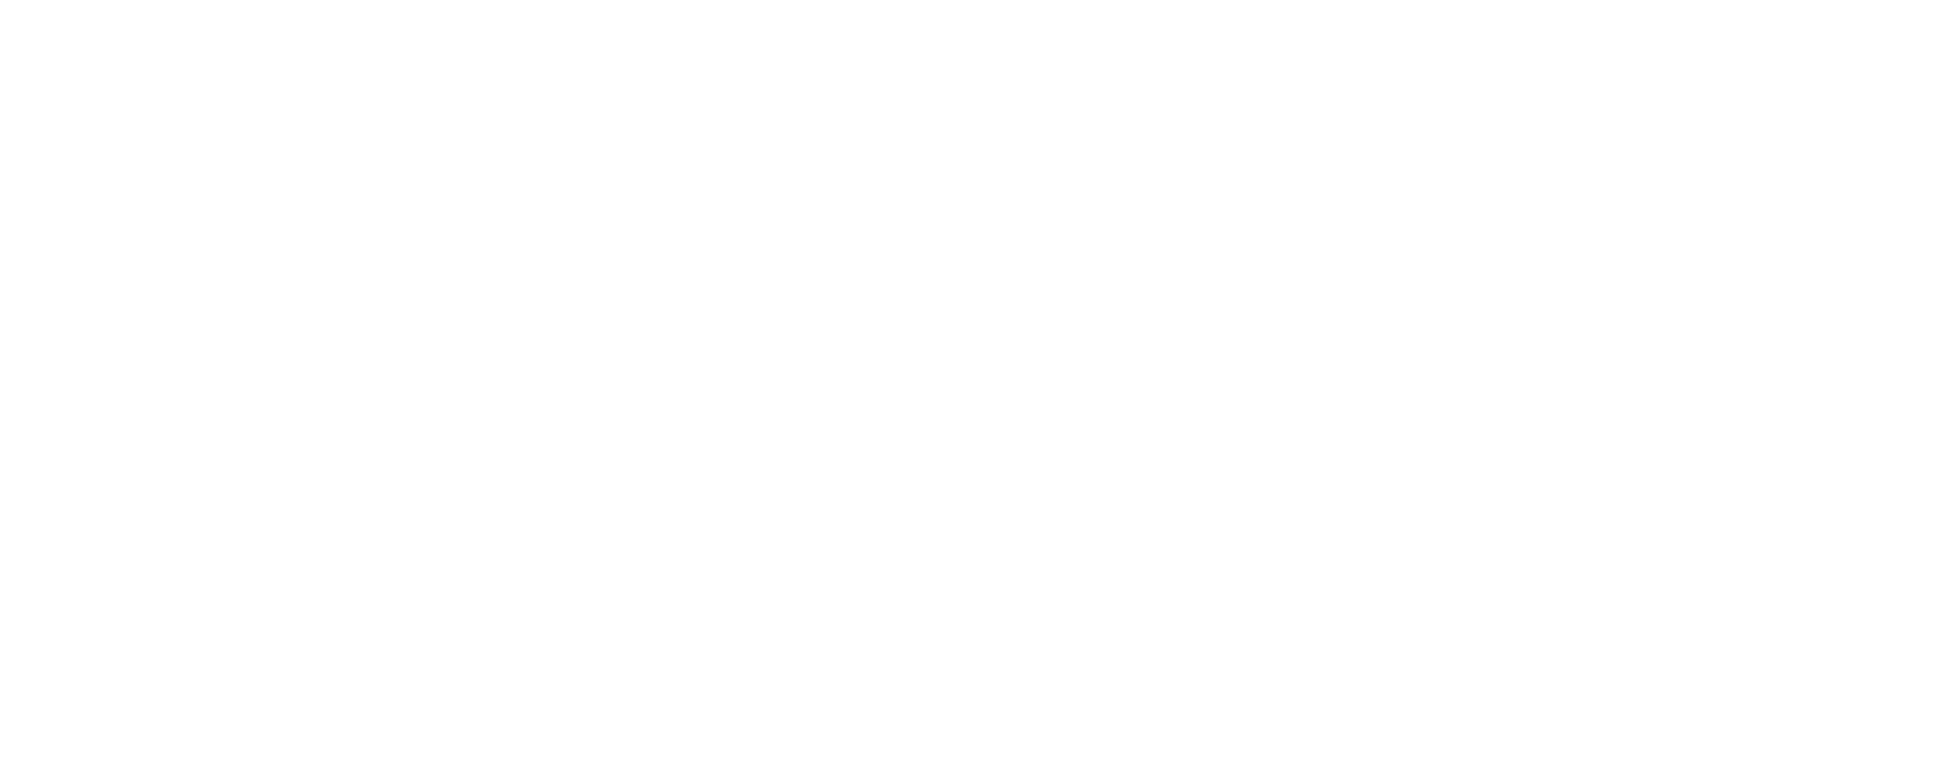 logo_bianco_ok